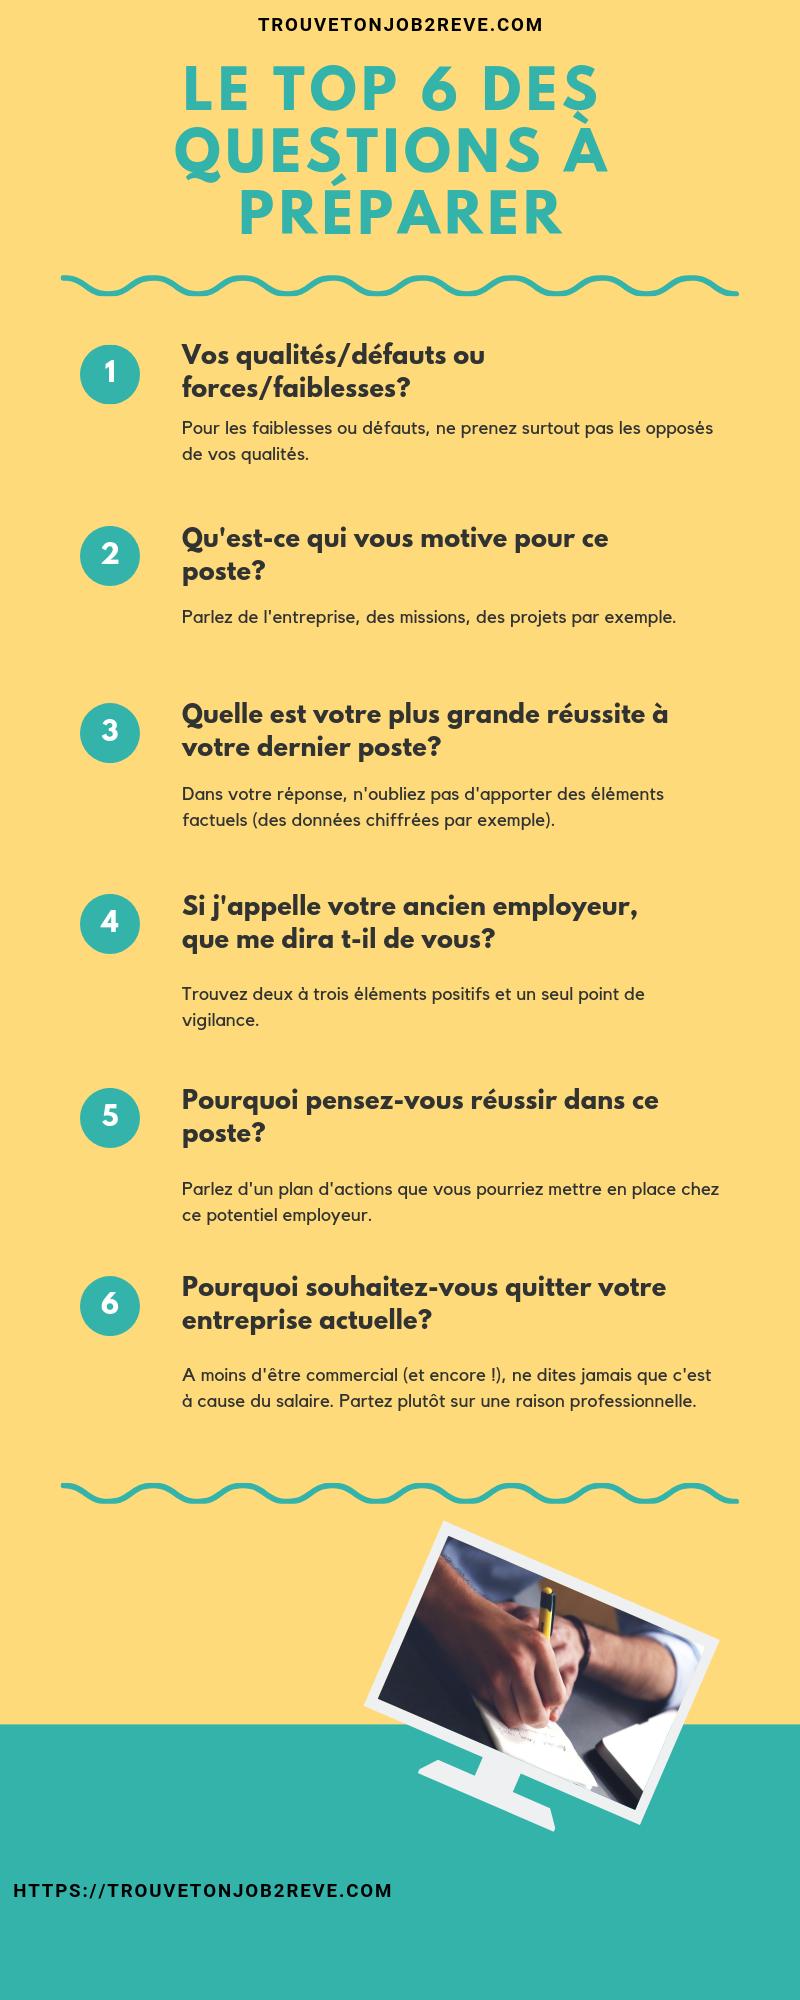 Top 6 Des Questions A Preparer Pour Un Entretien Entretien Embauche Questions Reussir Son Entretien